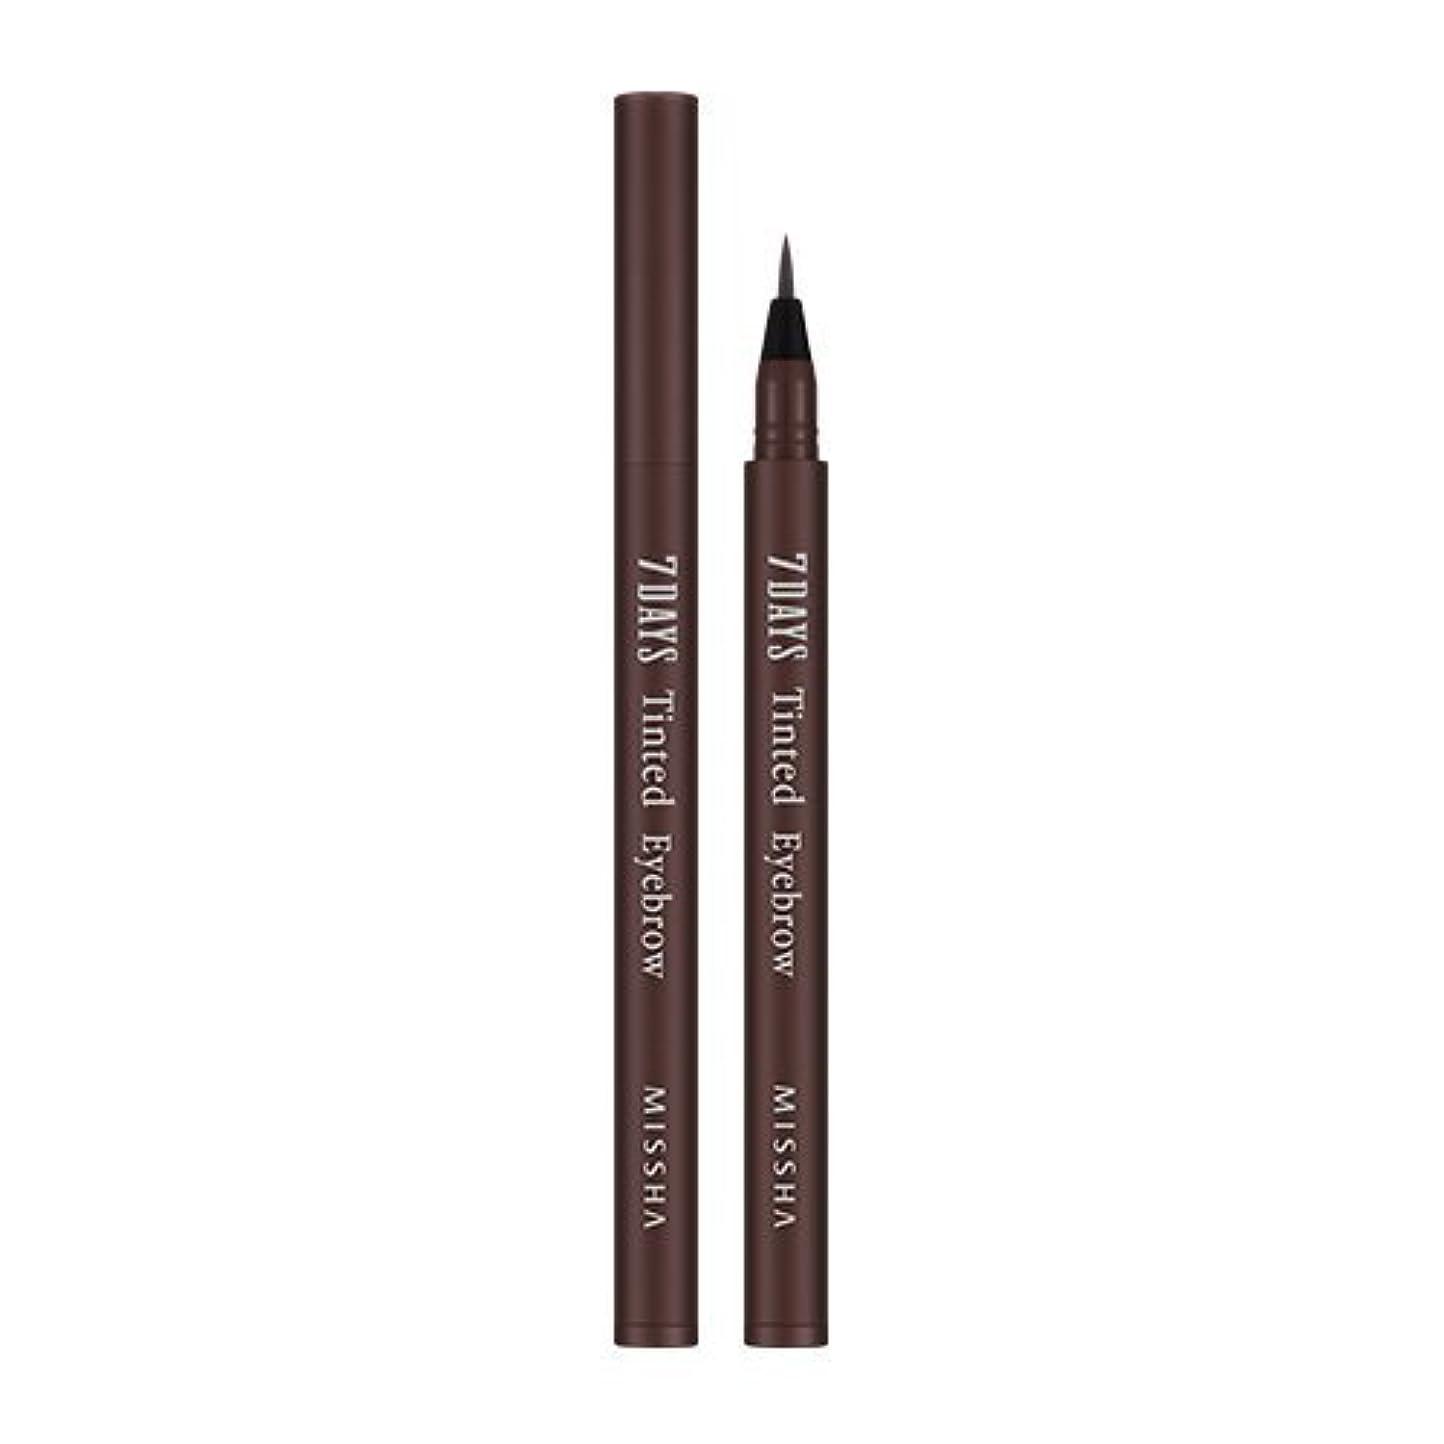 サラダ受信寛大なMISSHA Seven Days Tinted Eye Brow 0.8ml (#01 Maroon Brown)/ミシャ セブンデイズ ティンテッド アイブロウ 0.8ml (#01 Maroon Brown)